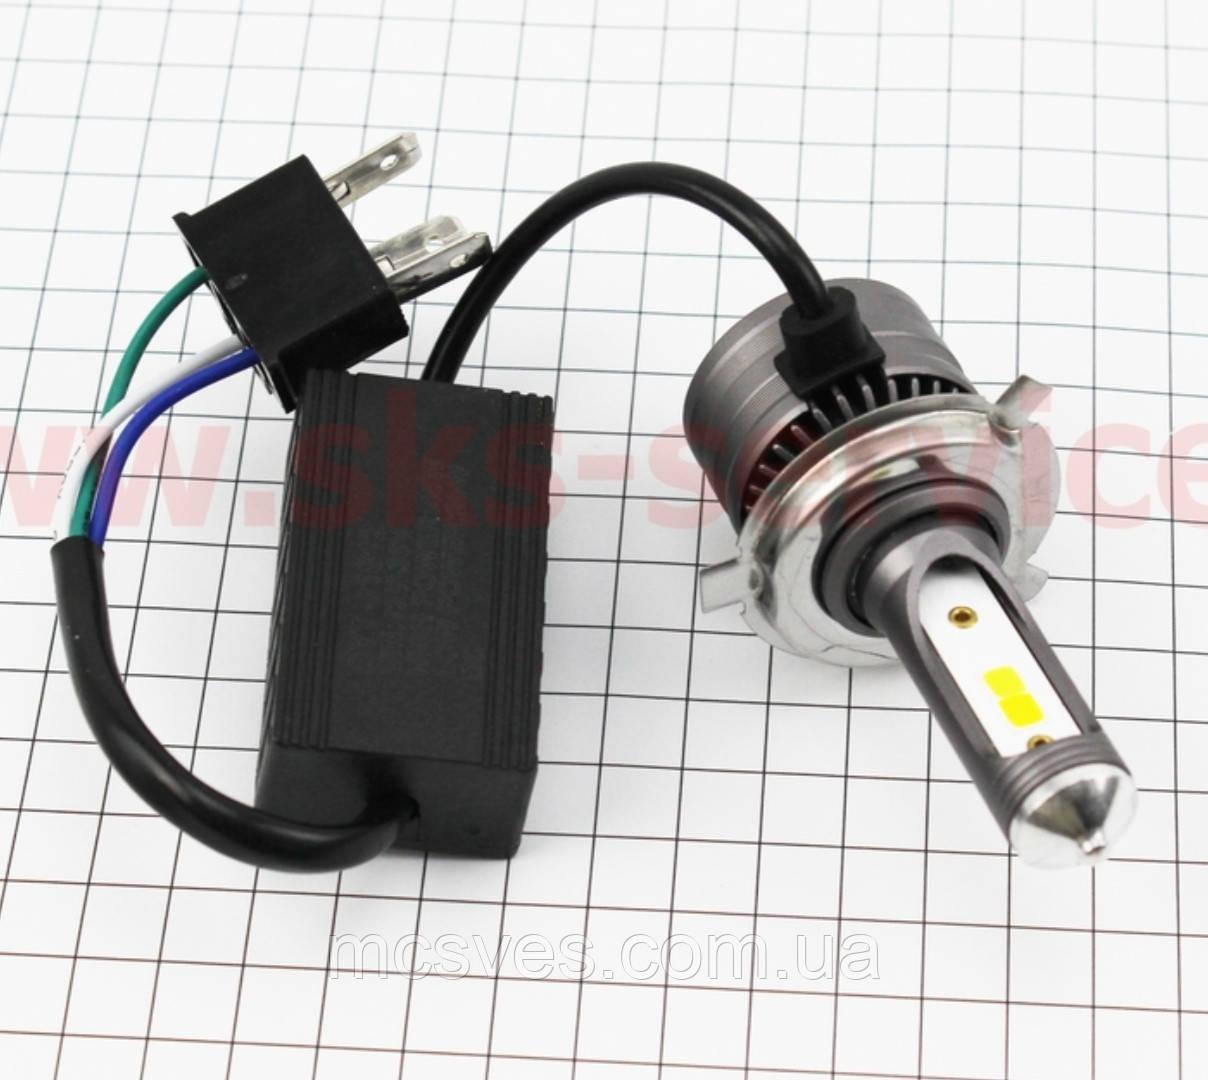 Лампа фары диодная H4 - LED-2 c интеркулером (ближний свет желтый, дальний белый), SUPER LIGHT